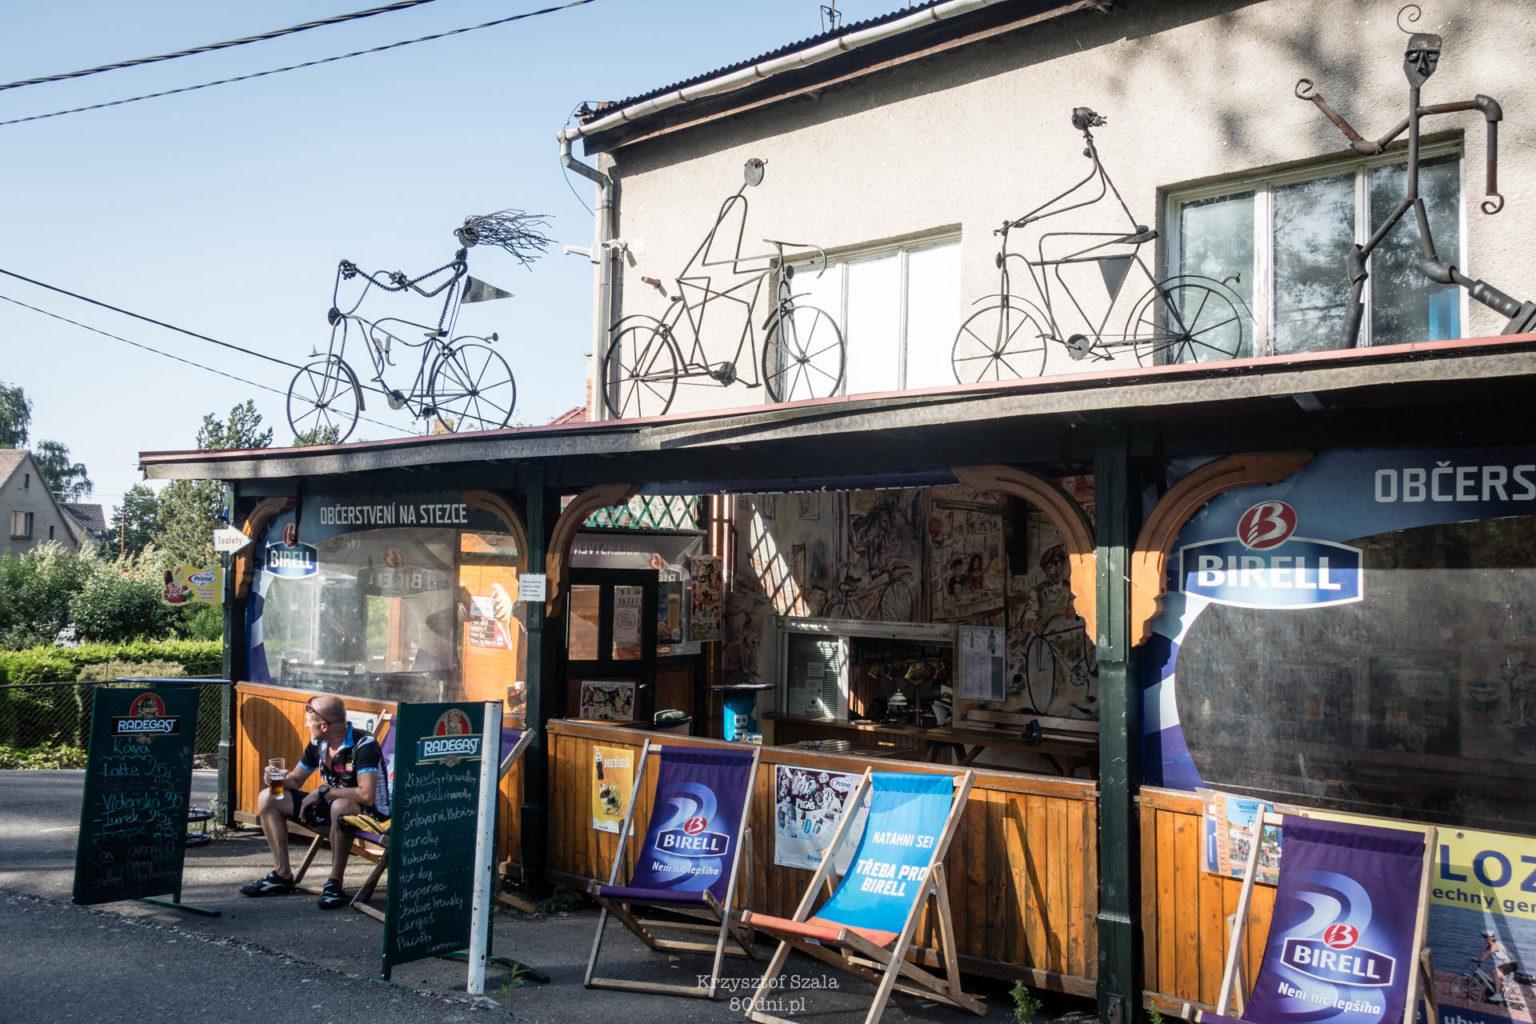 Cyklozahradka w miejscowości Vratimov.